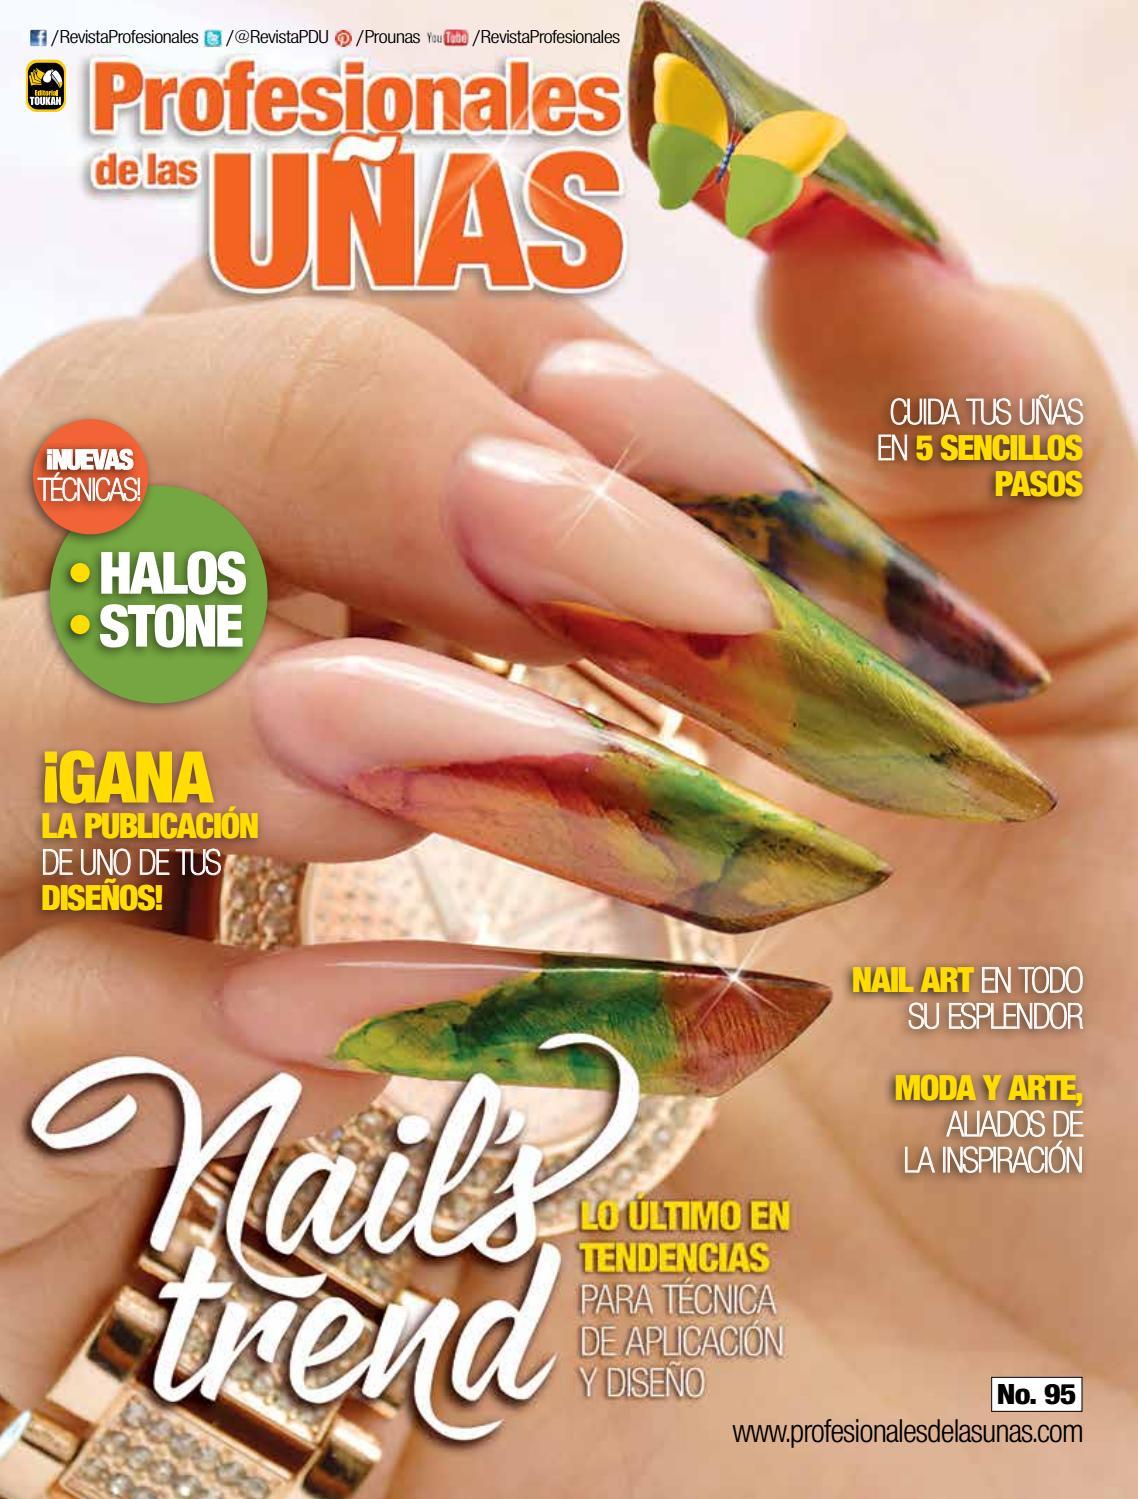 Profesionales de las uñas No. 95 by Jaime Flores - issuu